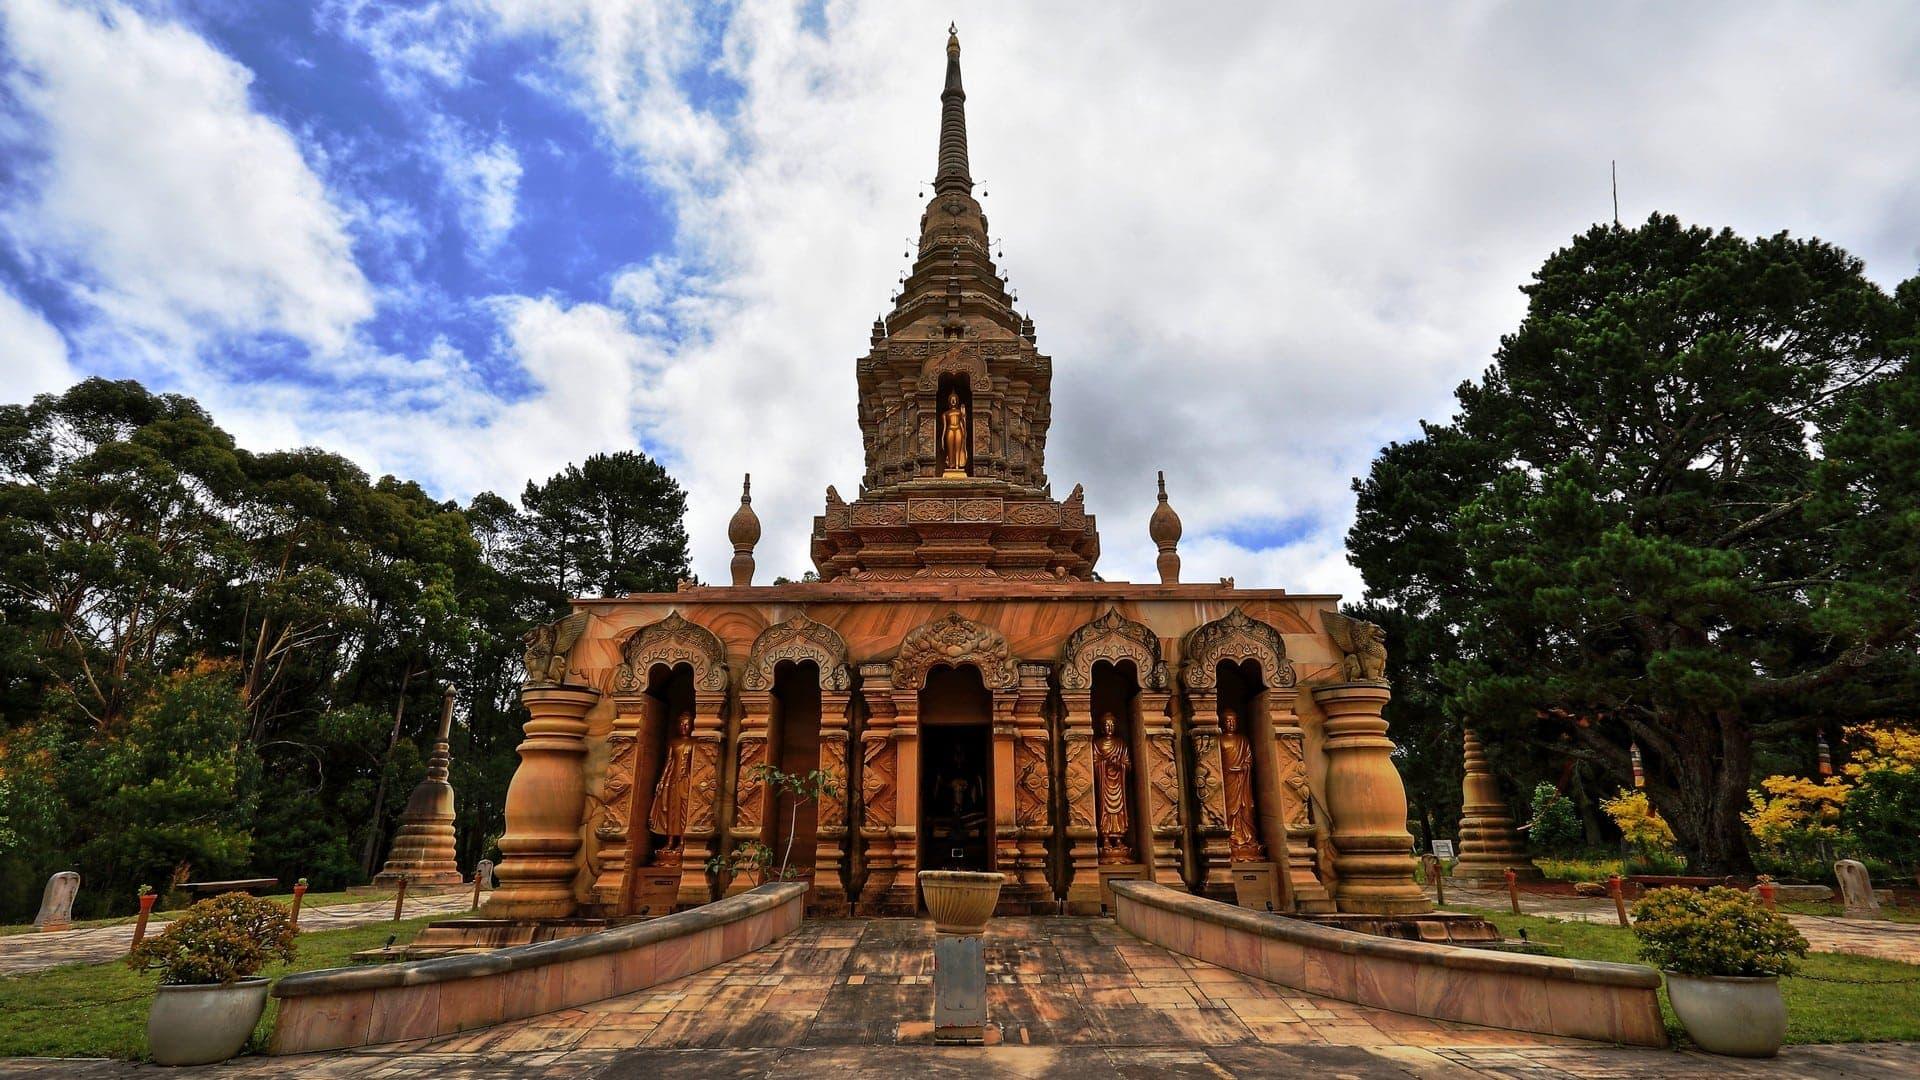 Sunnataram monastery